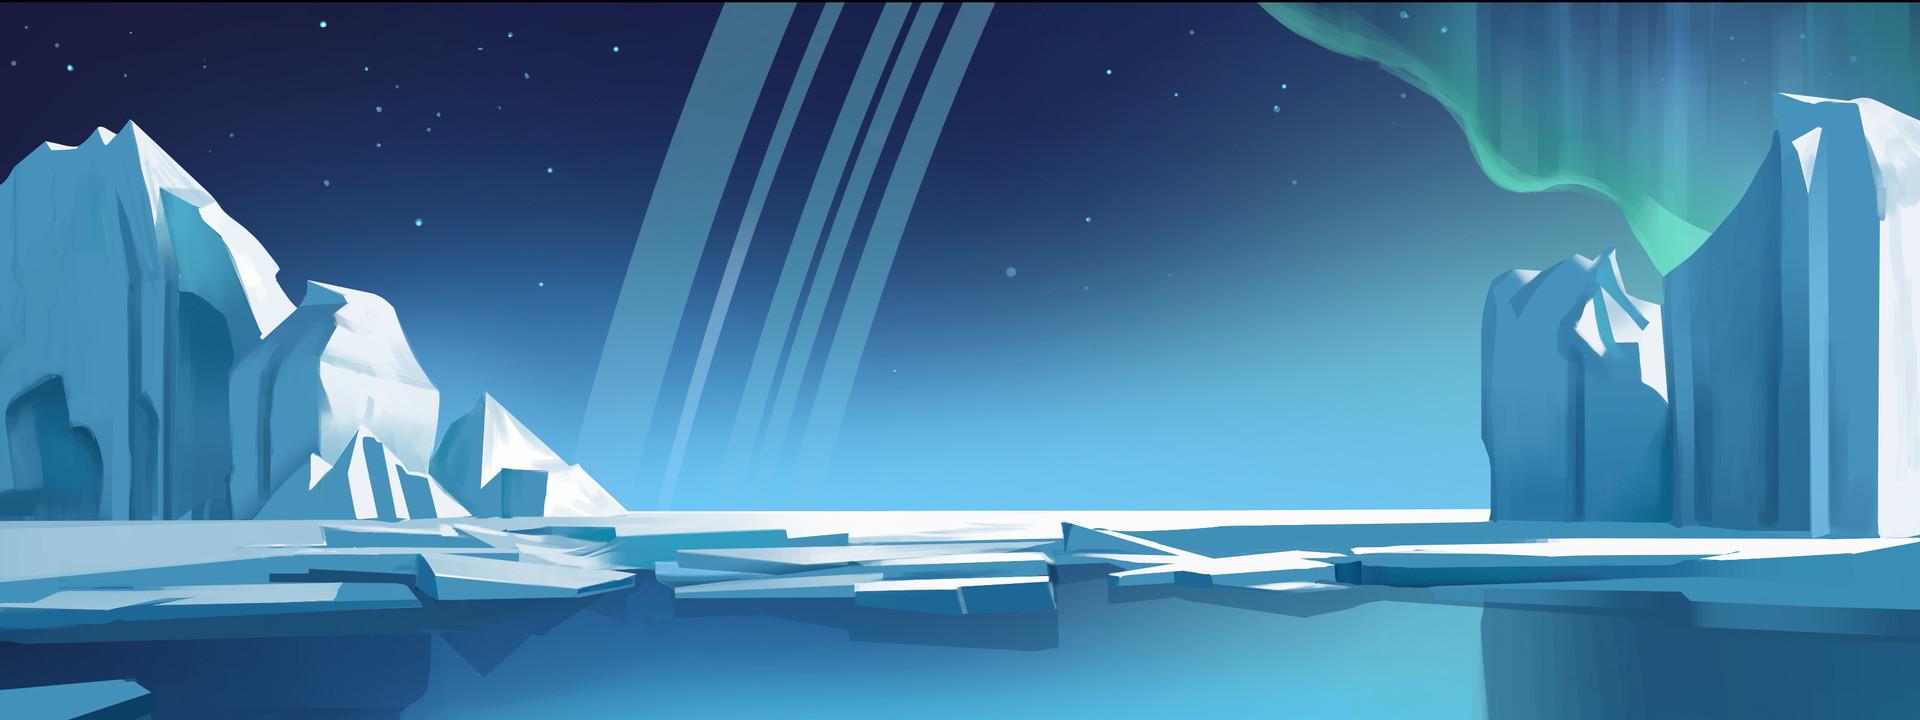 Samma van klaarbergen ice3